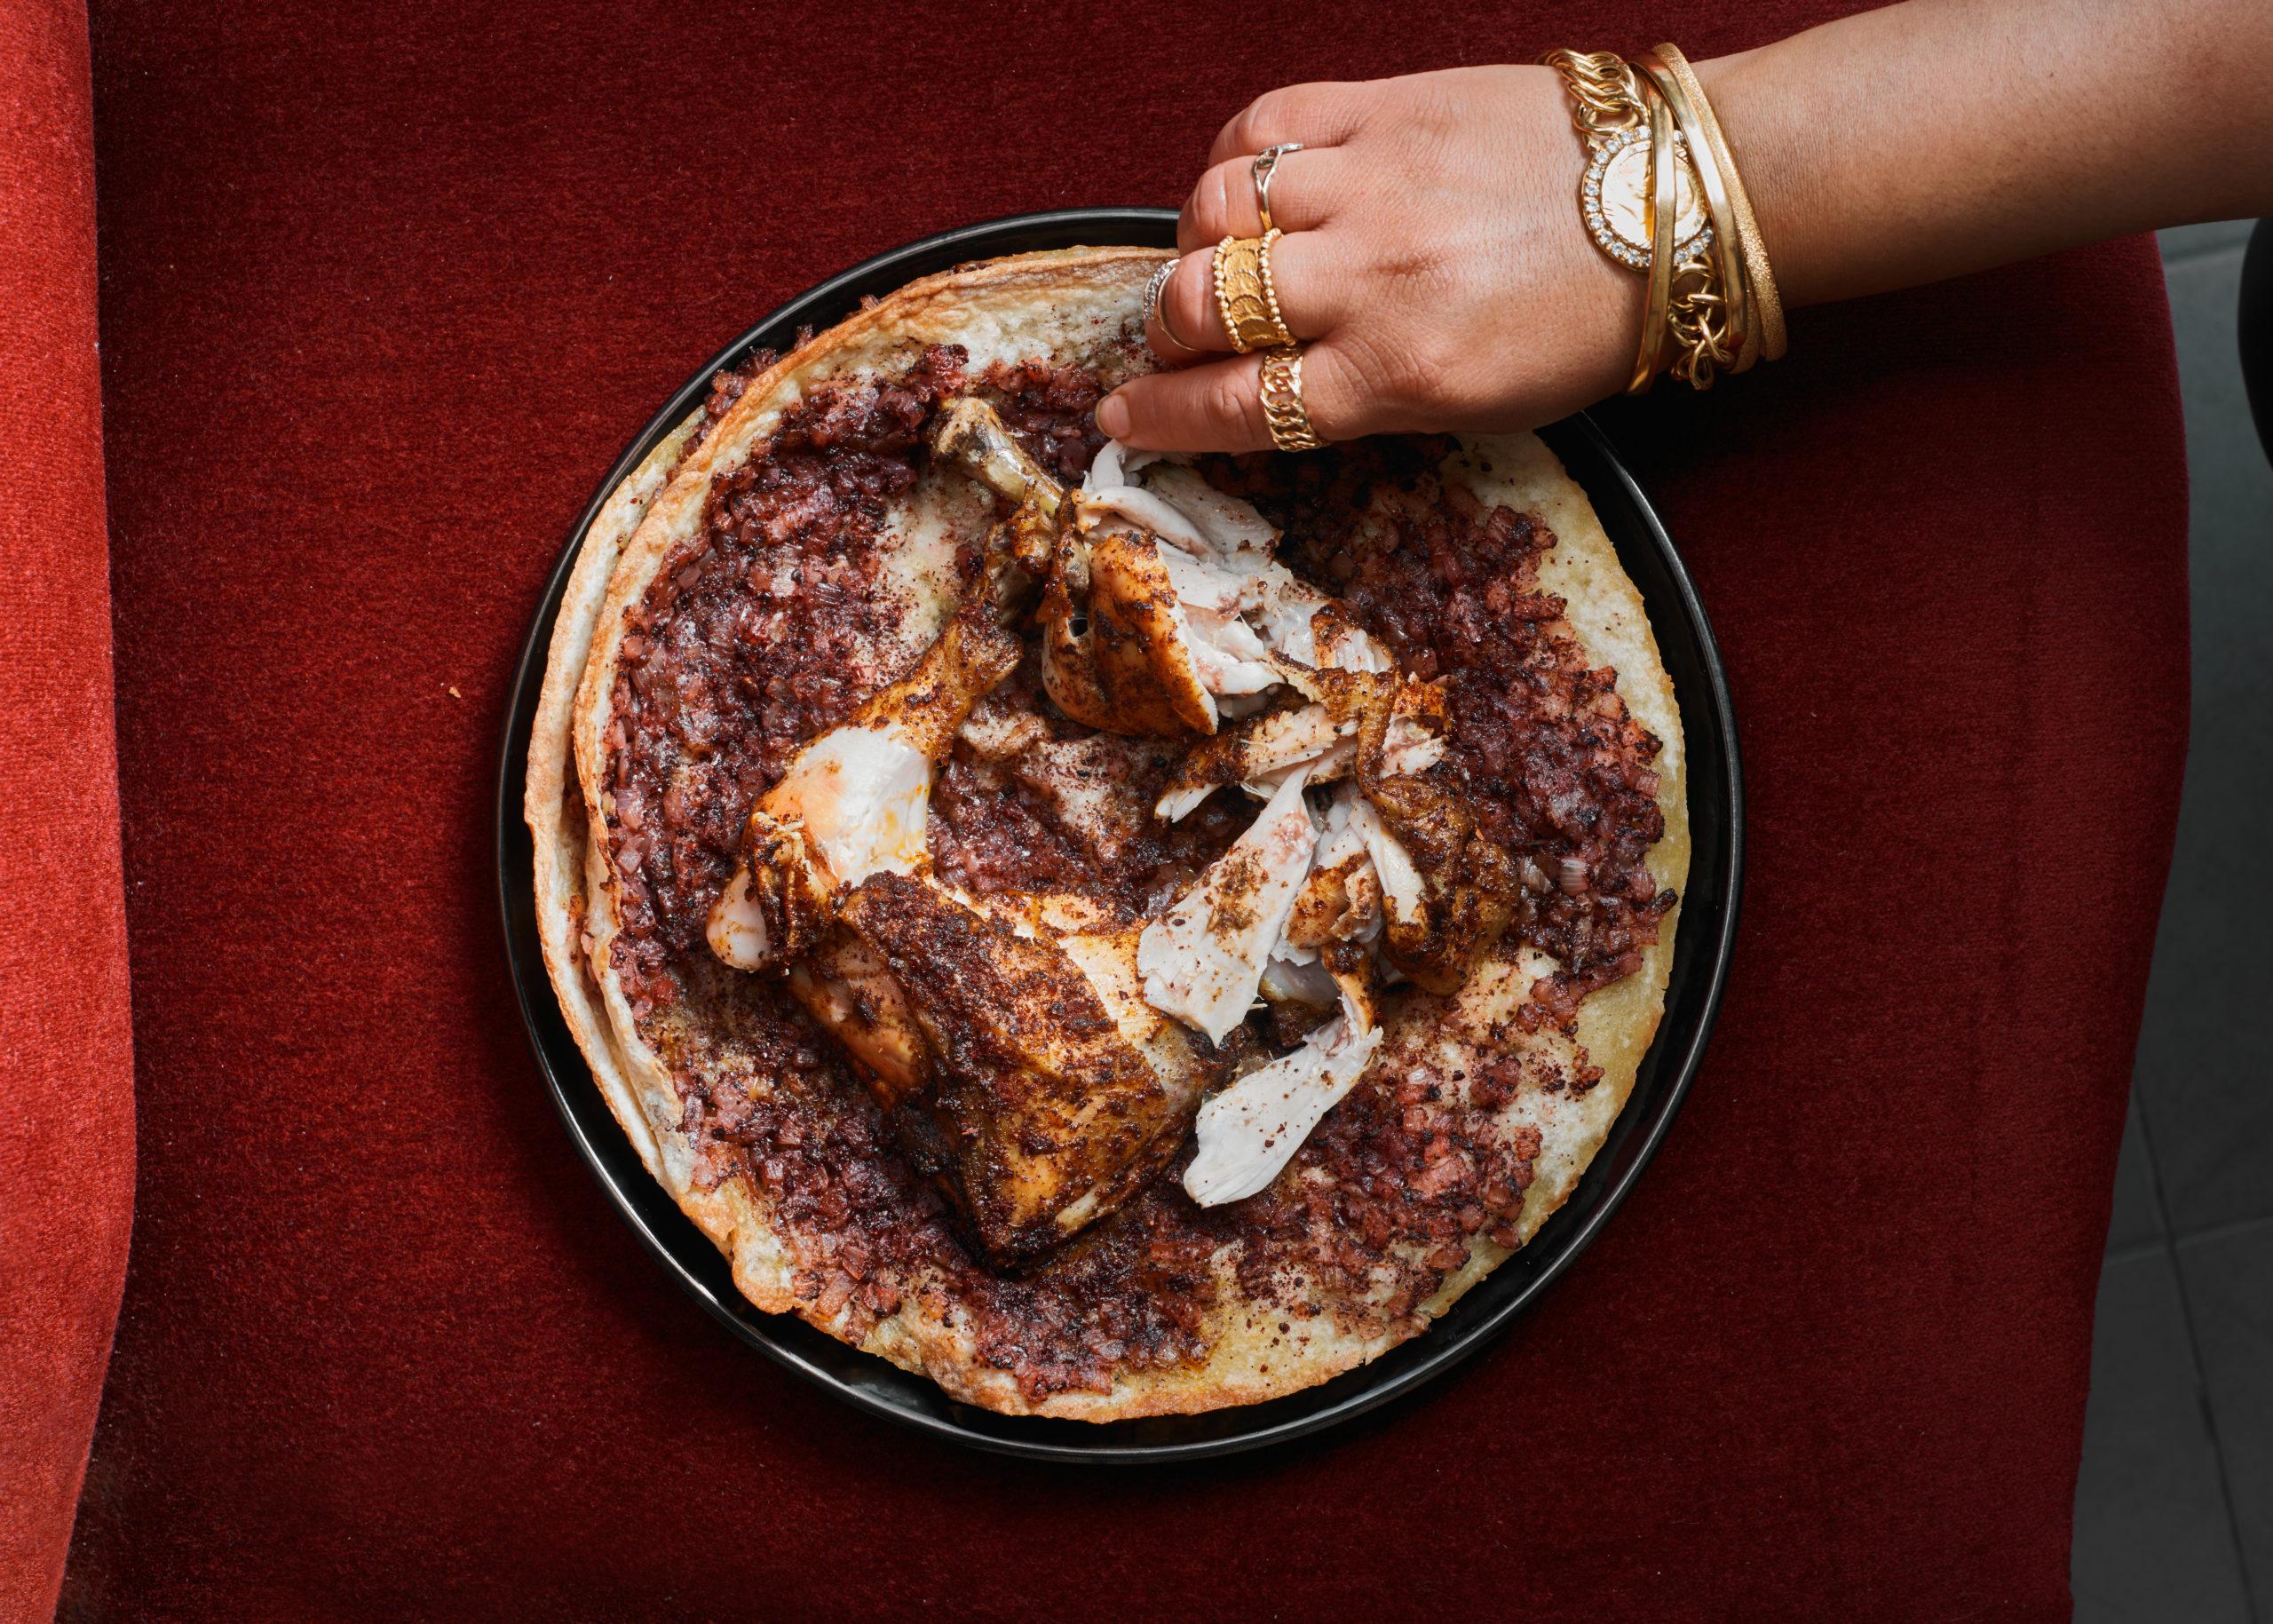 مسخن فلسطيني-دجاج مع بصل وسماق على خبز طابون